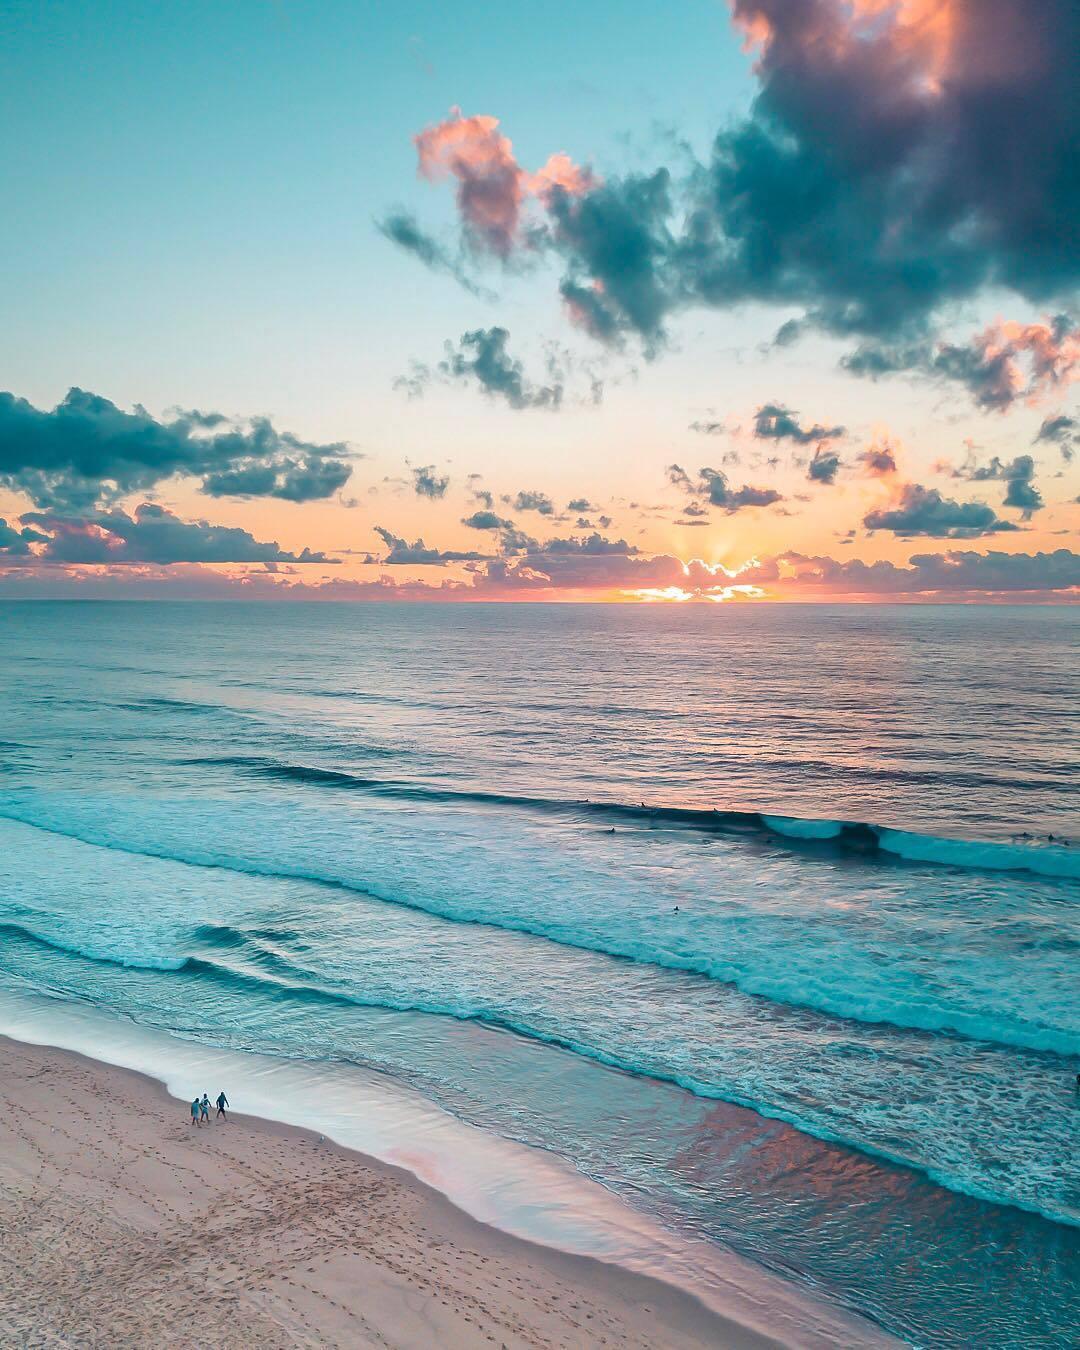 Пляж Меревезер и Тасманово море. Австралия | Пикабу